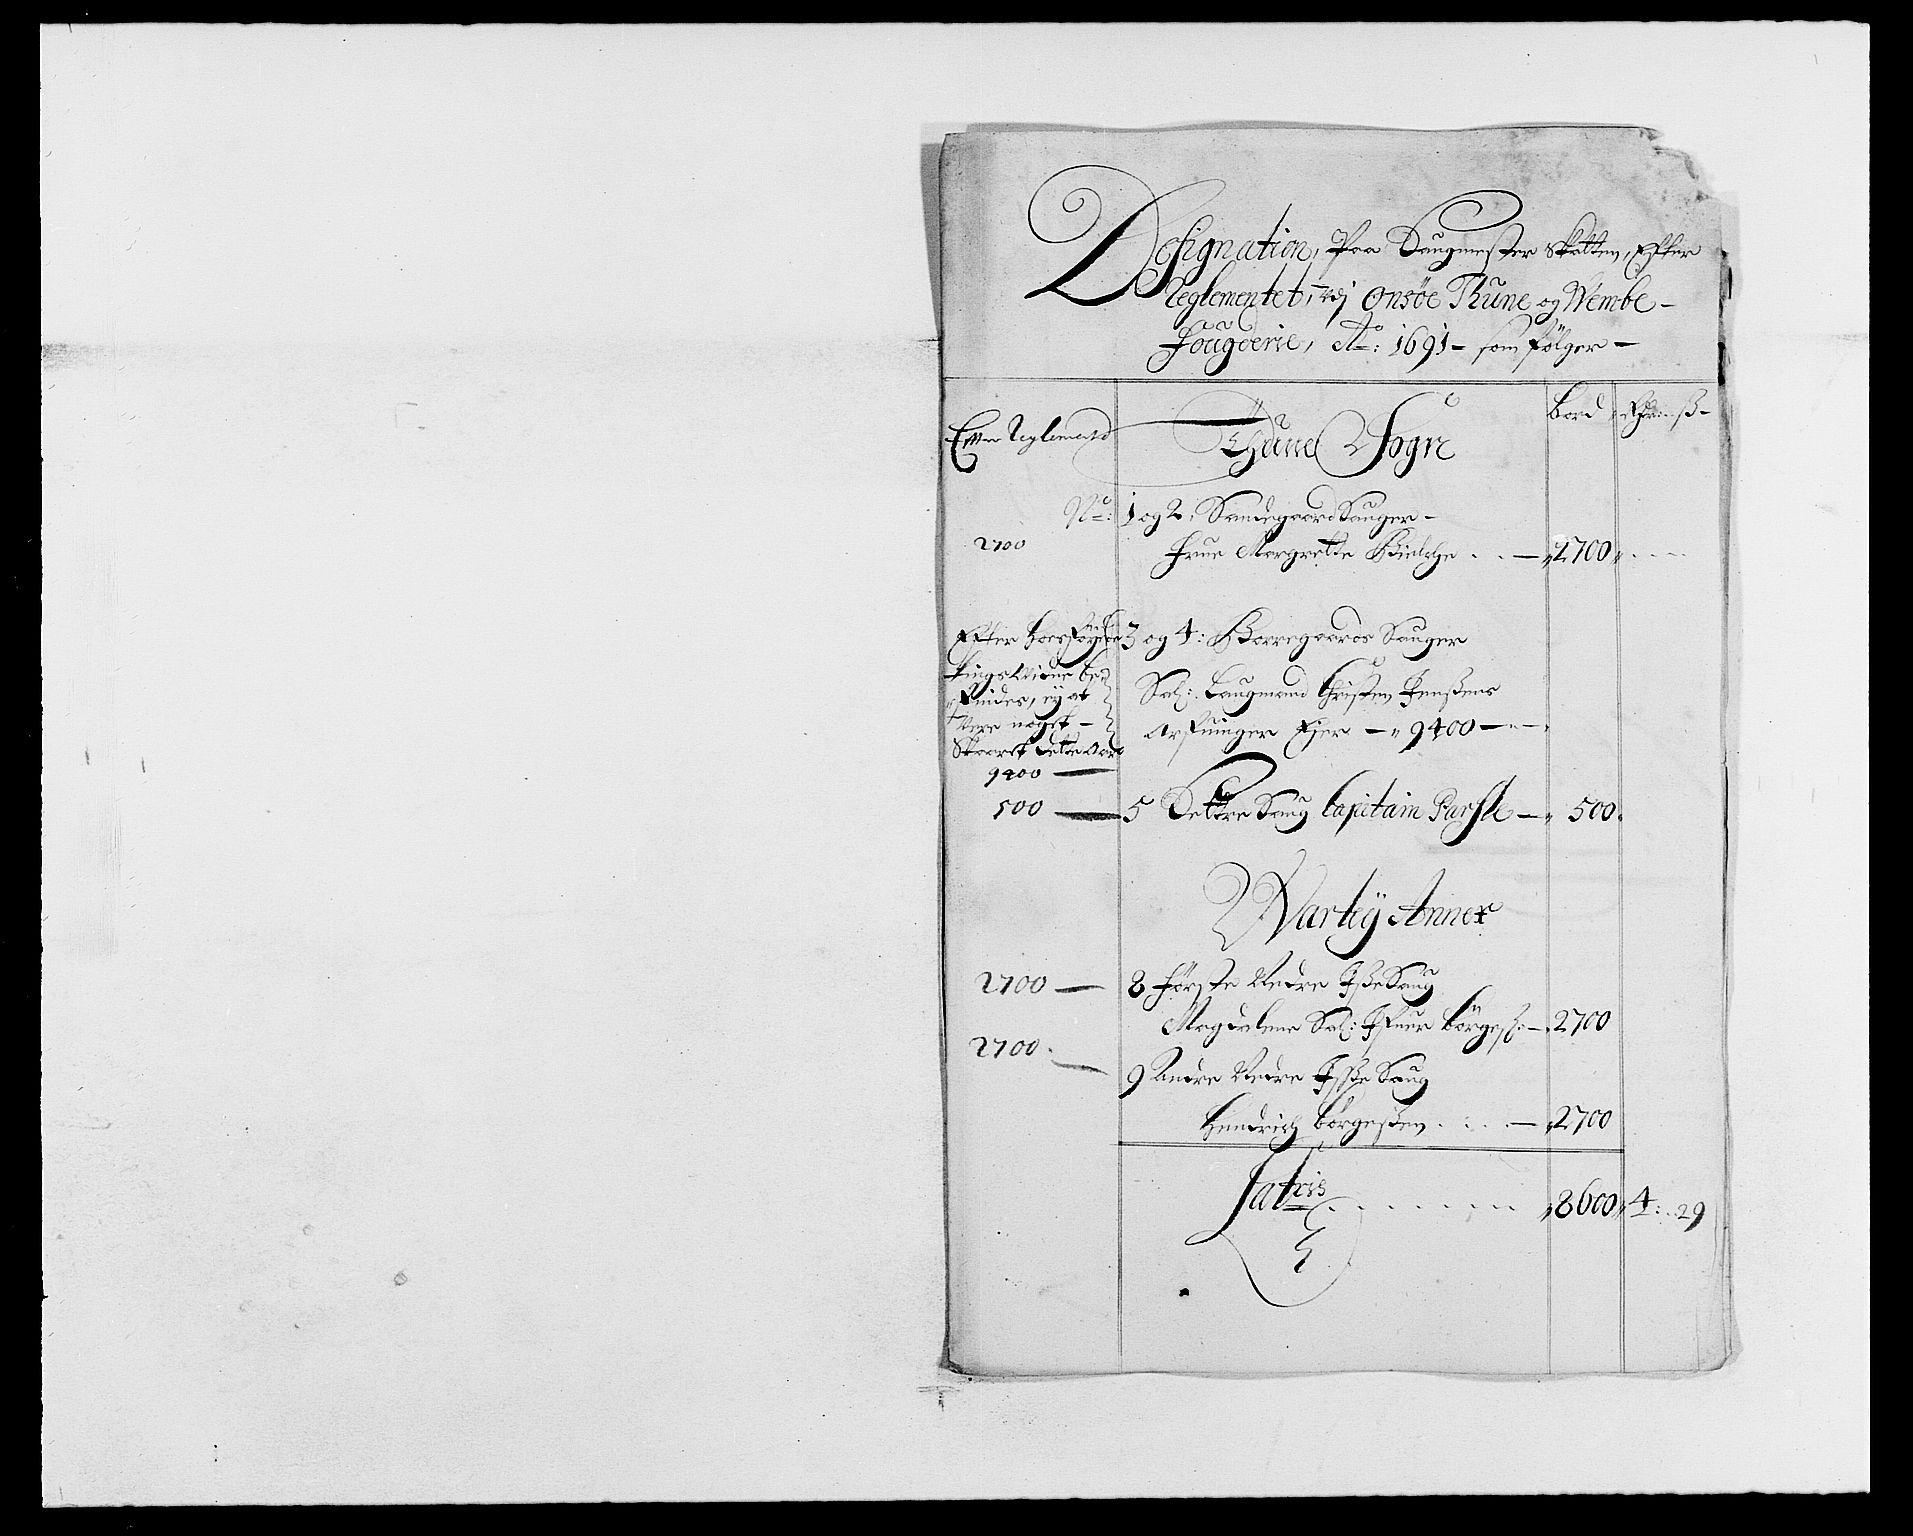 RA, Rentekammeret inntil 1814, Reviderte regnskaper, Fogderegnskap, R03/L0119: Fogderegnskap Onsøy, Tune, Veme og Åbygge fogderi, 1690-1691, s. 397